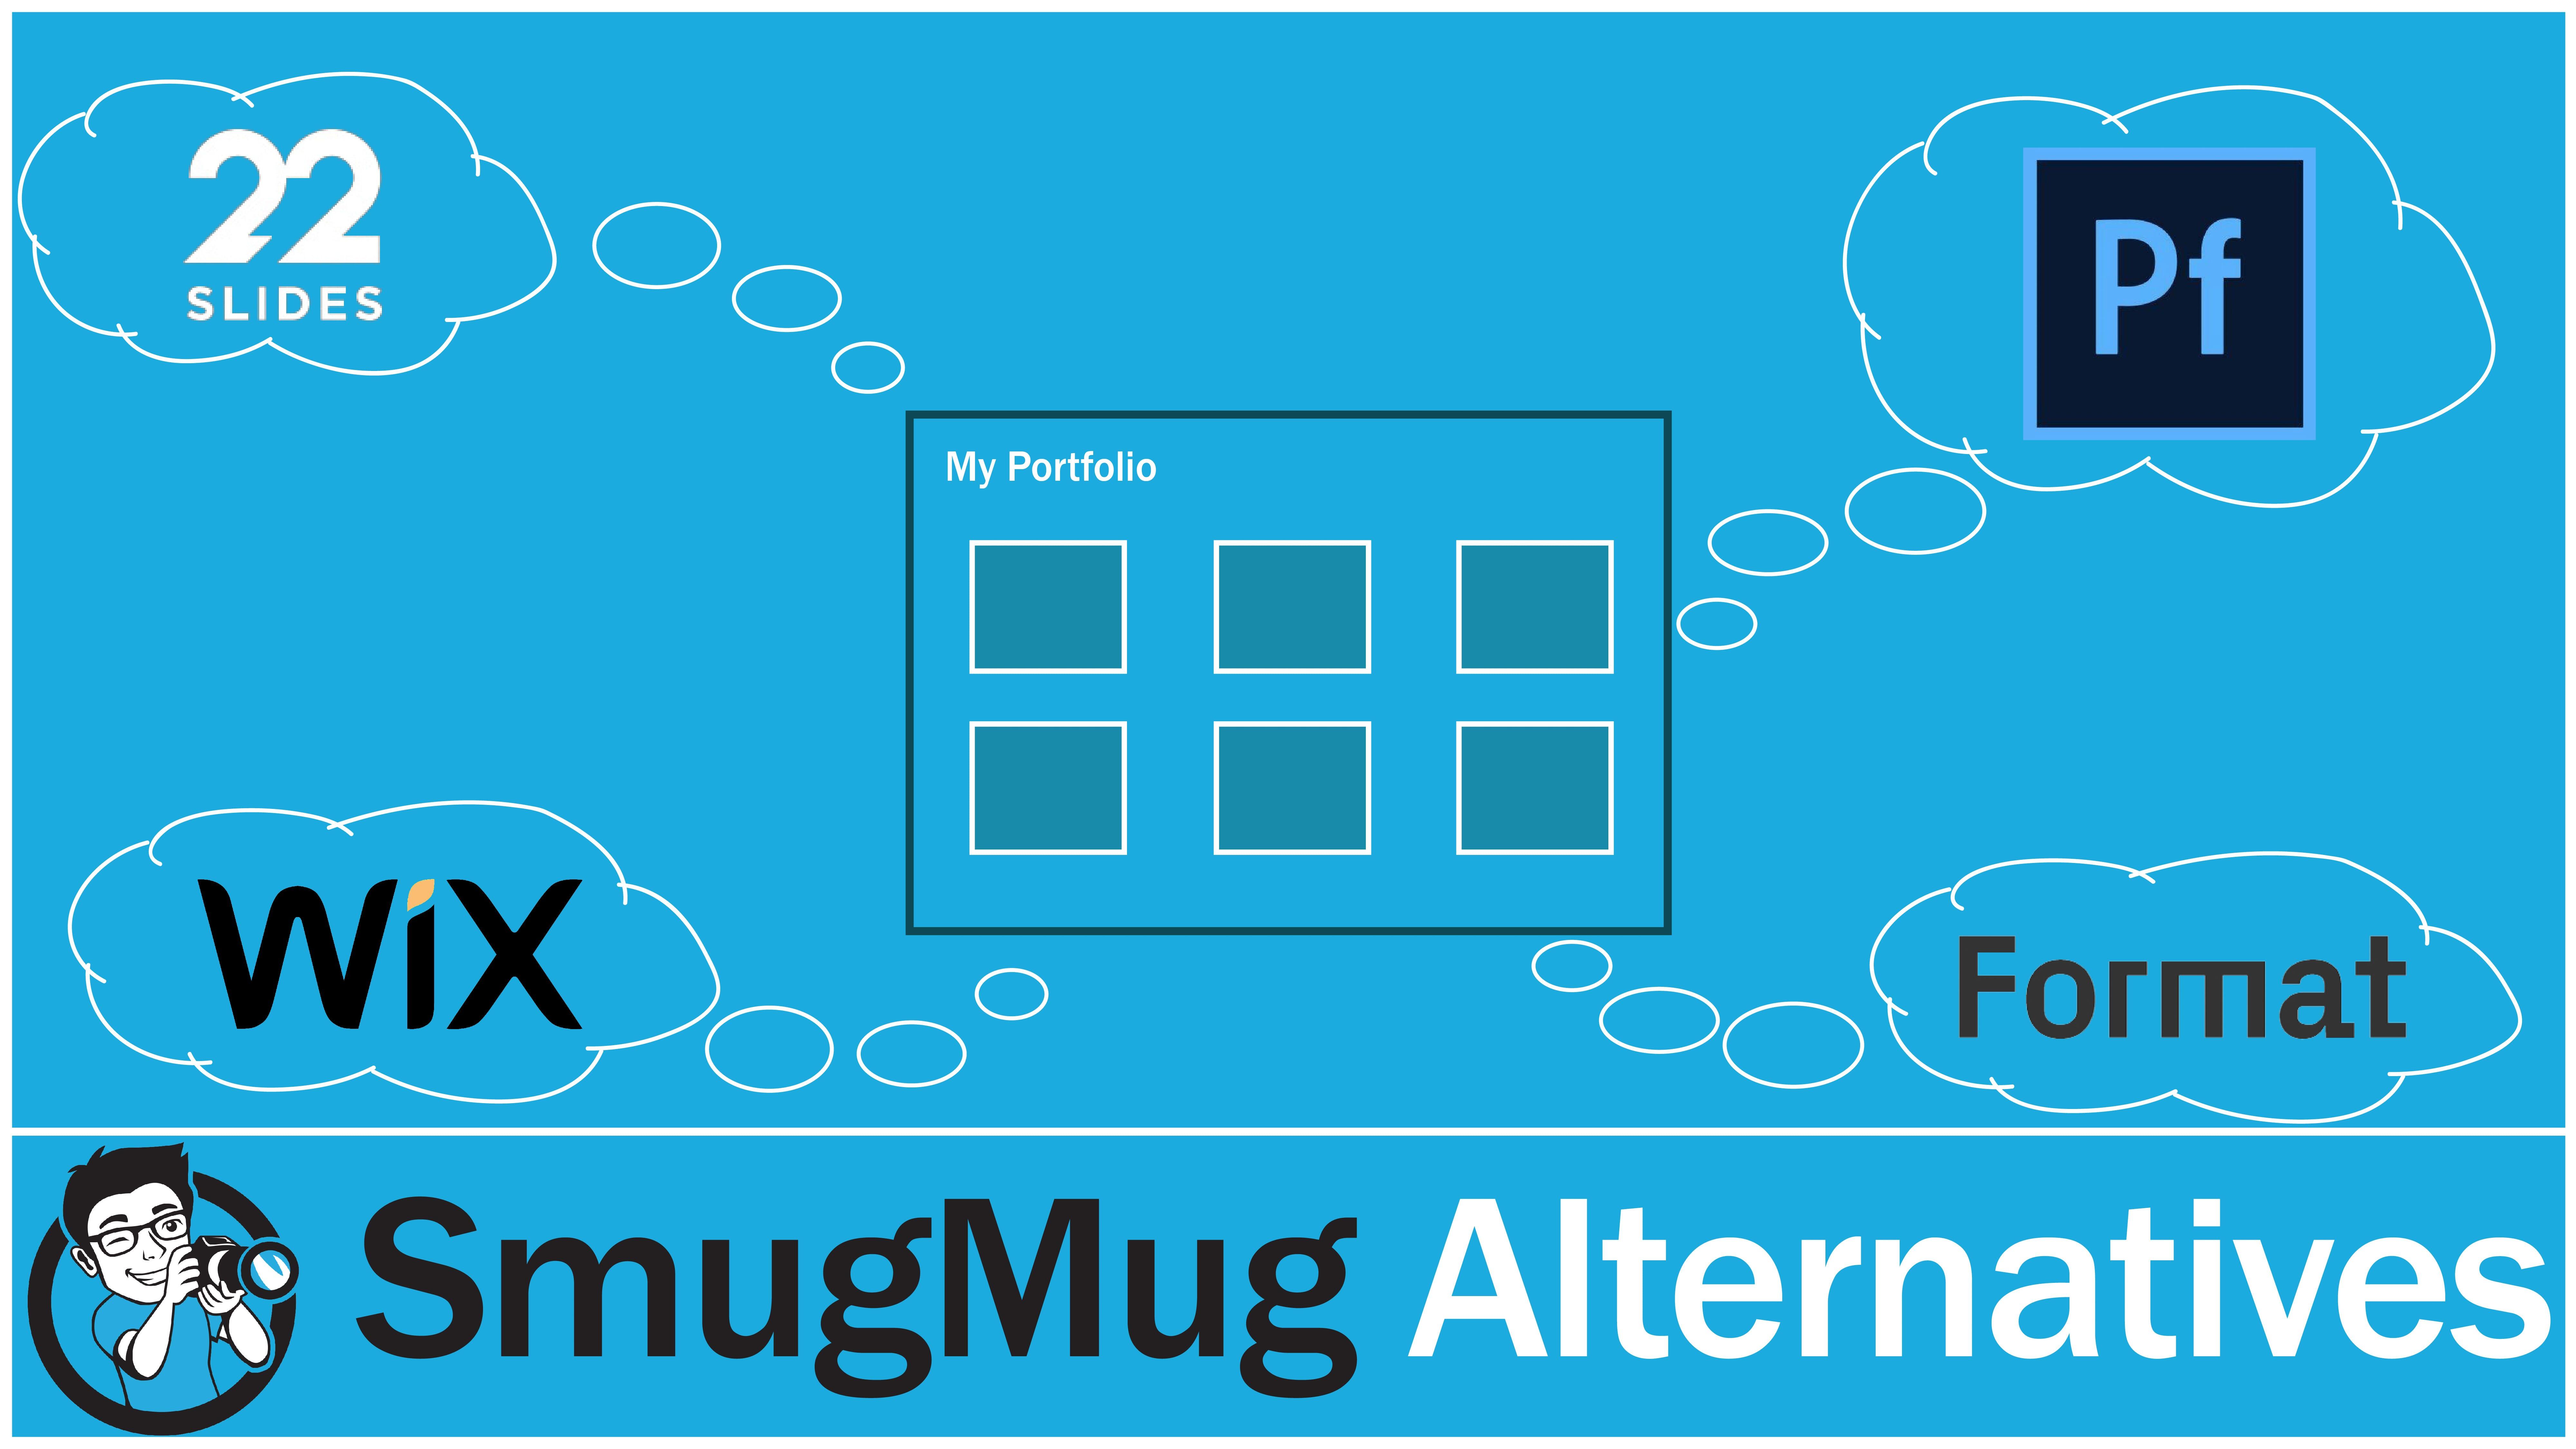 9 SmugMug Alternatives To Create Stunning Online Portfolios